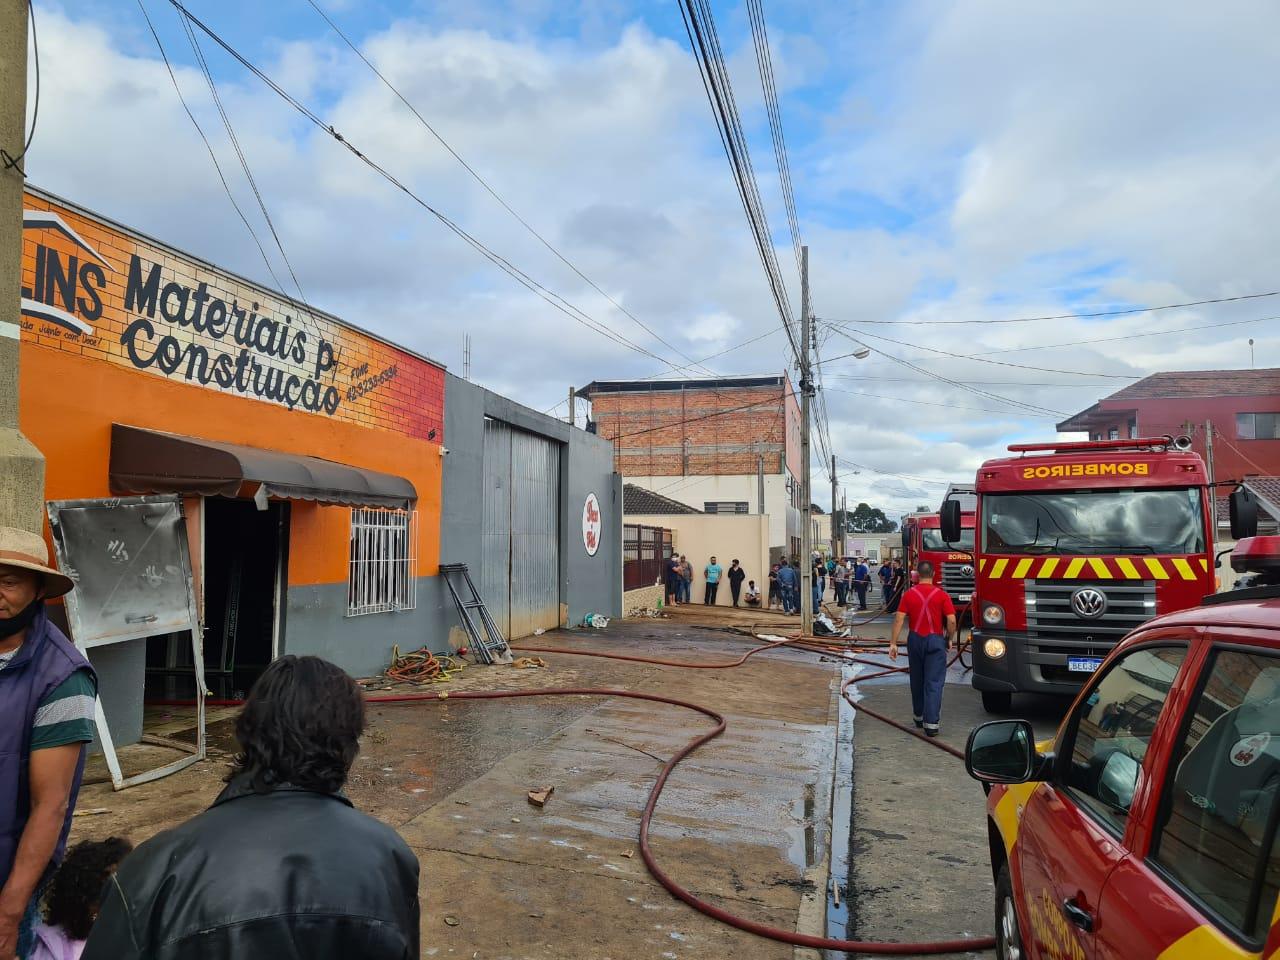 Bombeiros usam três equipes no combate ao incêndio na loja Lins Materiais de Construção